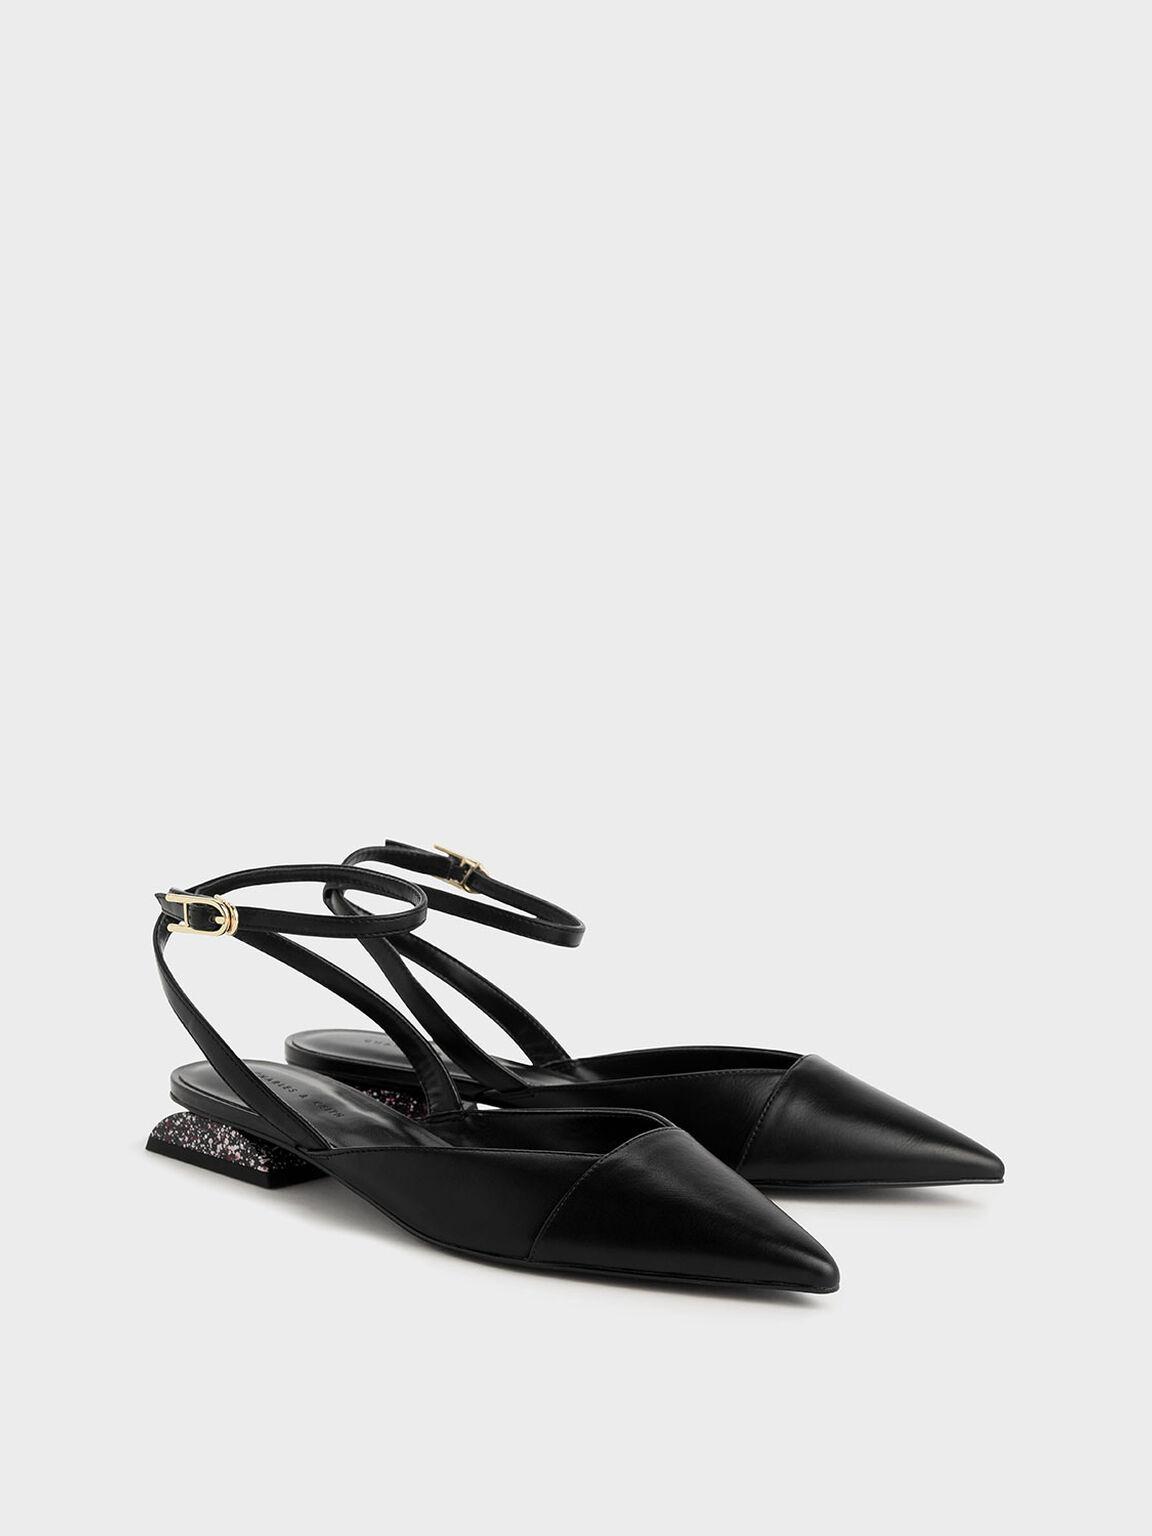 Terrazzo Print Sculptural Heel Covered Sandals, Black, hi-res